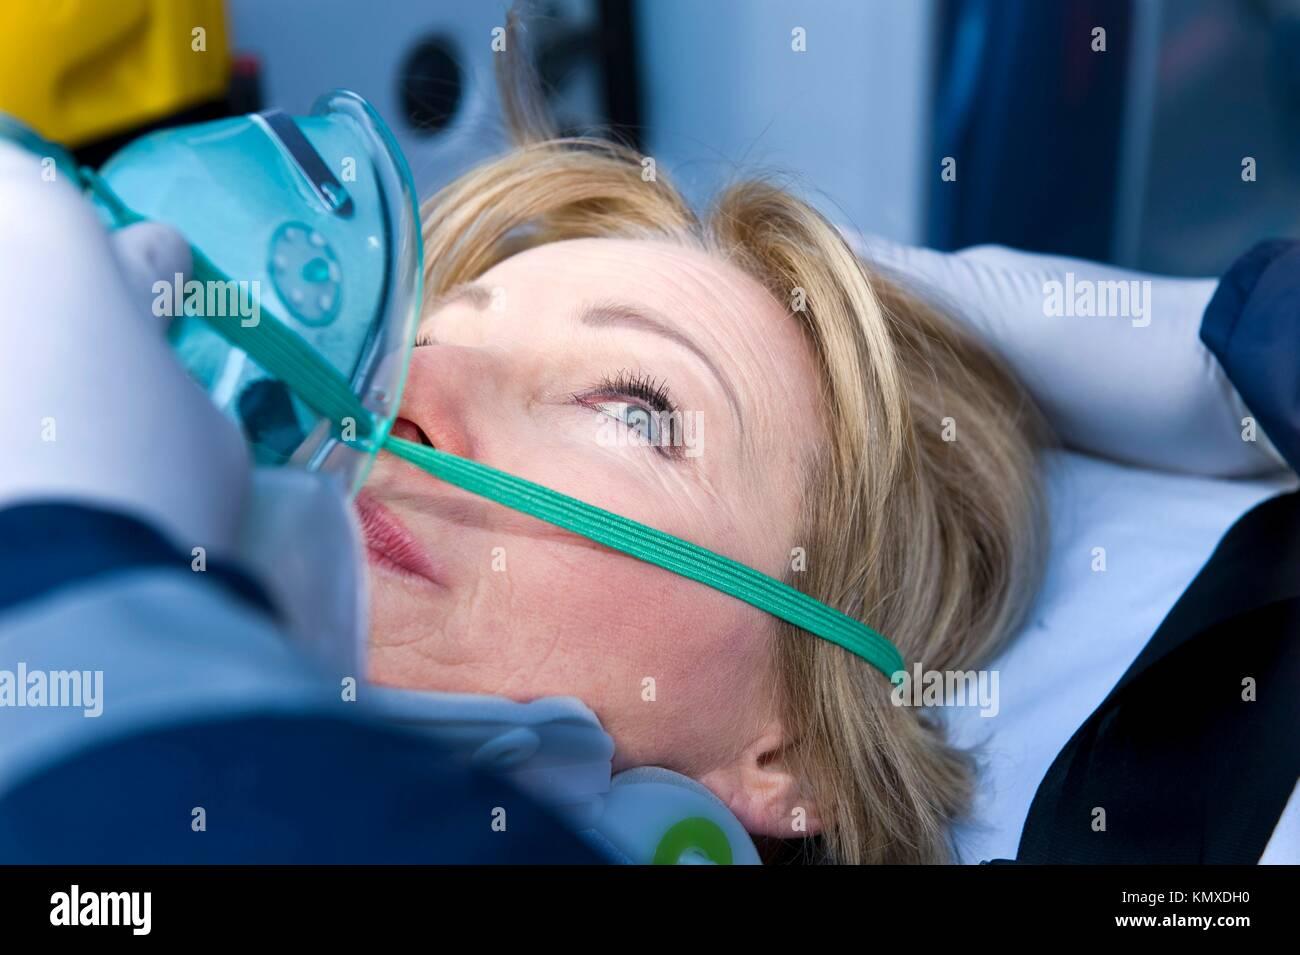 Verletzte Frau, Erste Hilfe Stockbild